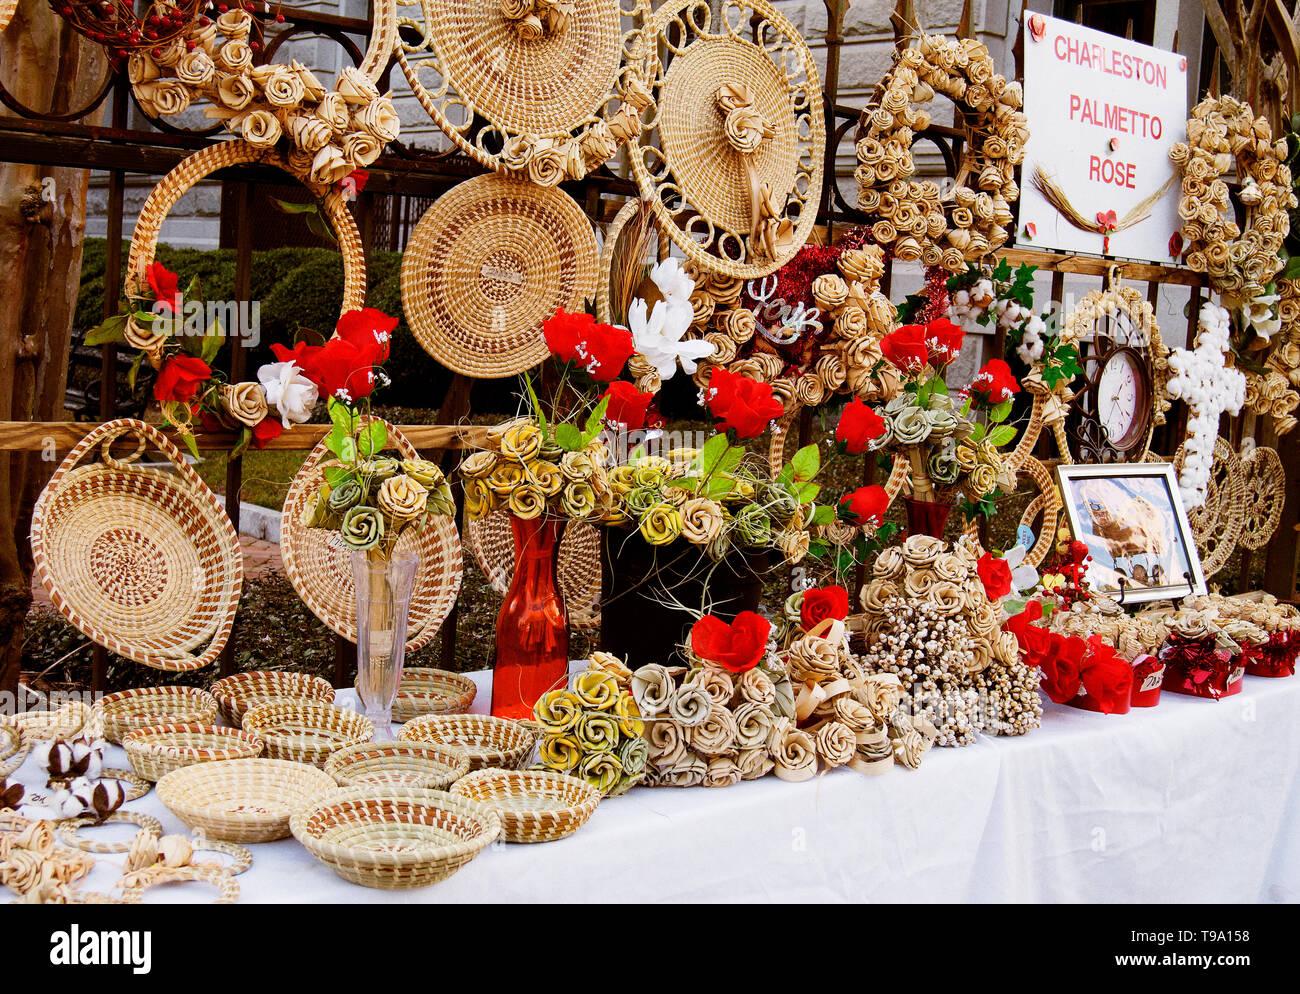 gullah basket weaving display, Charleston SC - Stock Image